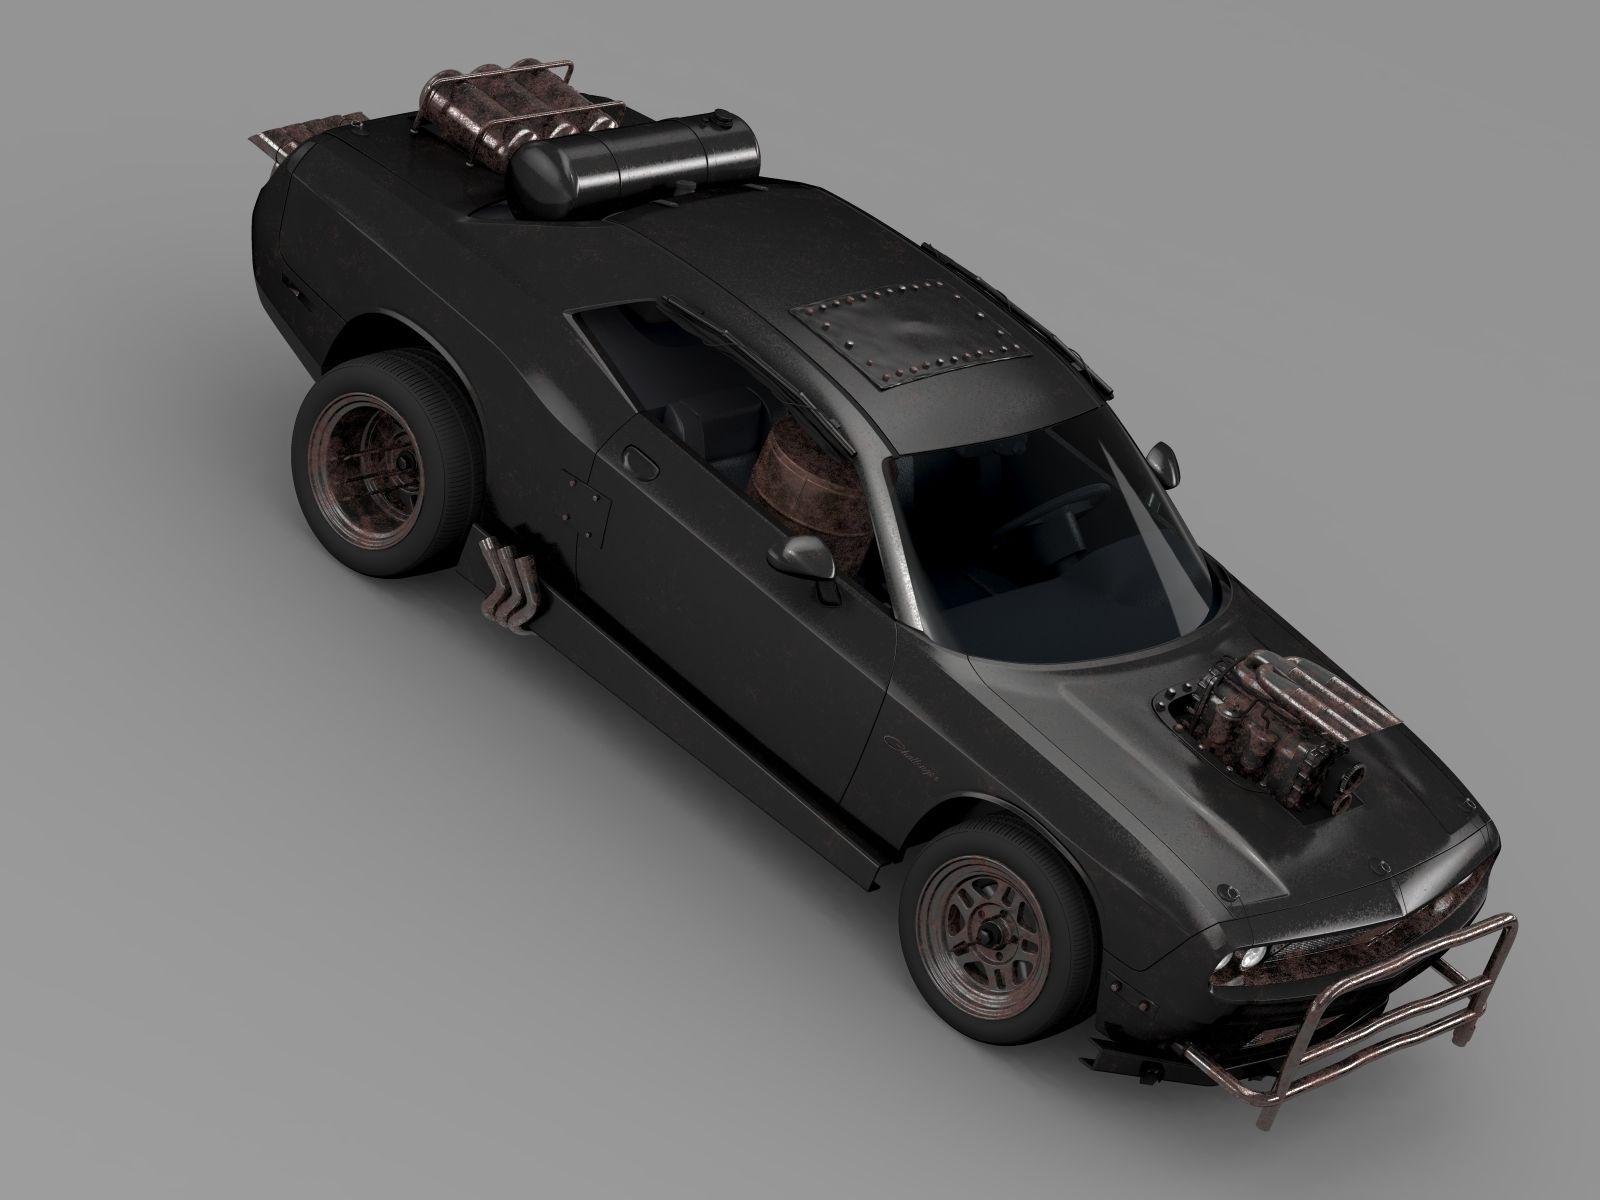 Mad Max Fight Interceptor Dodge Challenger 2015 3d Model Obj Mtl Engine Diagram 3ds Fbx C4d Lwo